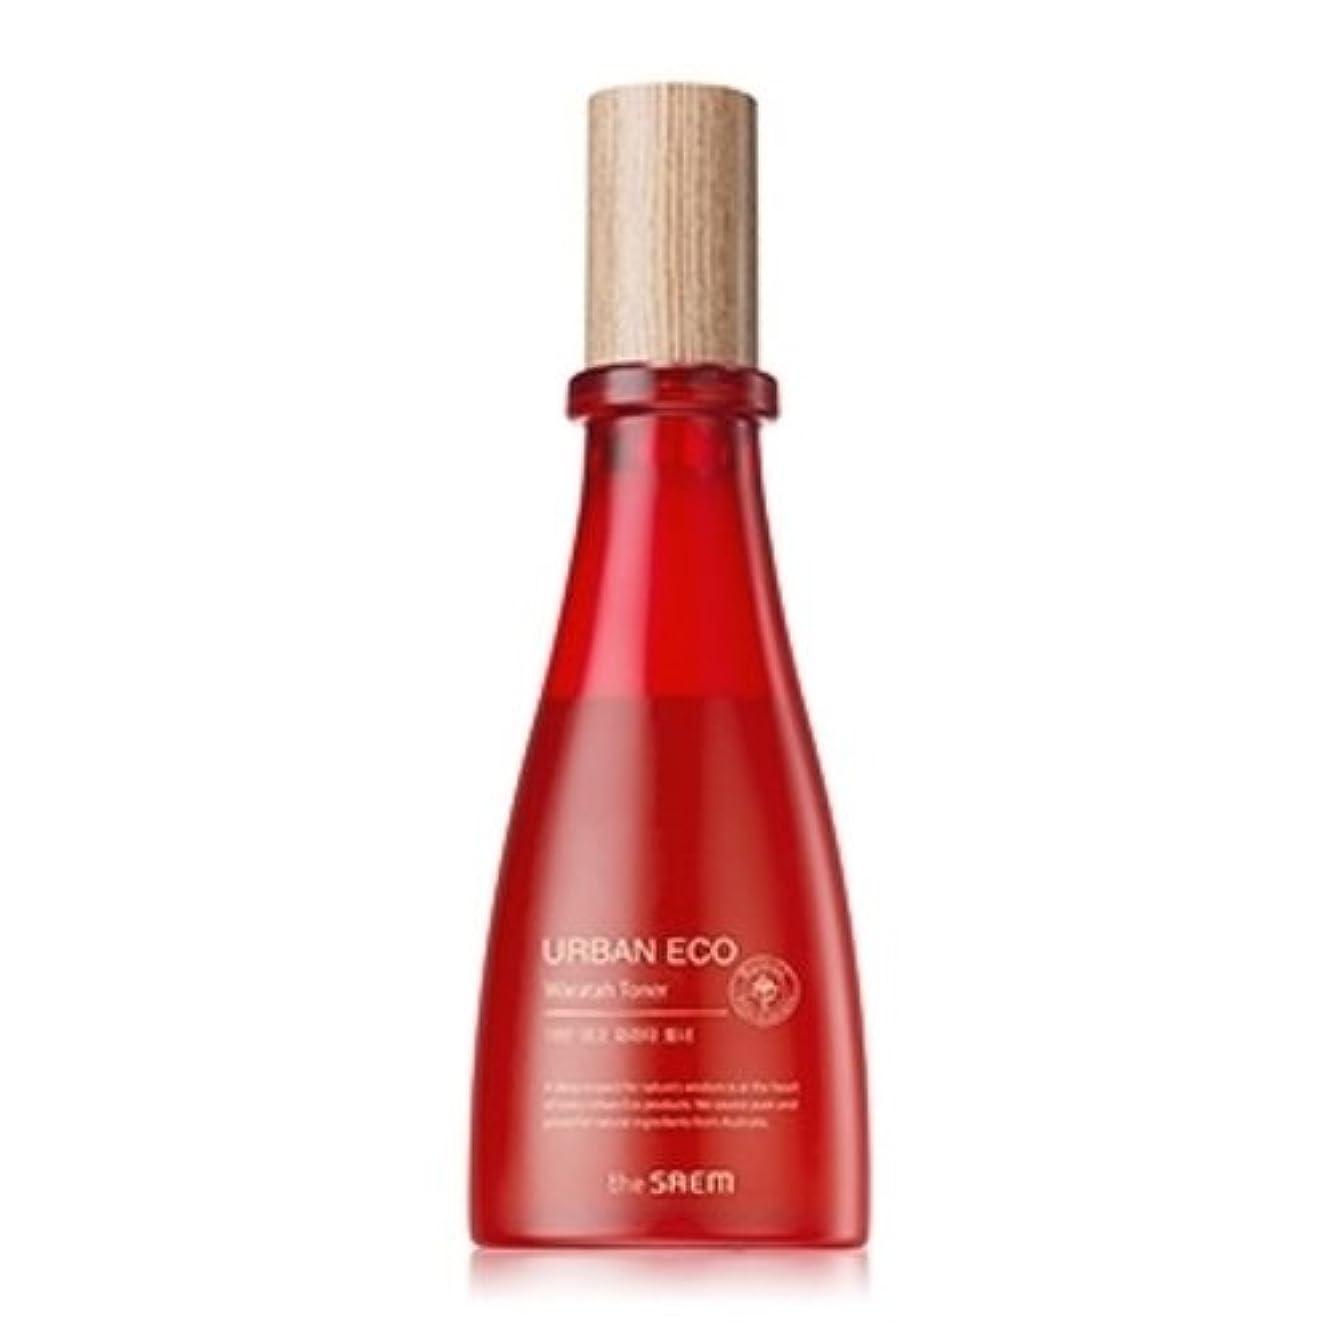 くるみ下位印象的なザセム(THESAEM) アーバンエコワラタトナー化粧水 Urban Eco Waratah Toner 180ml [並行輸入品]